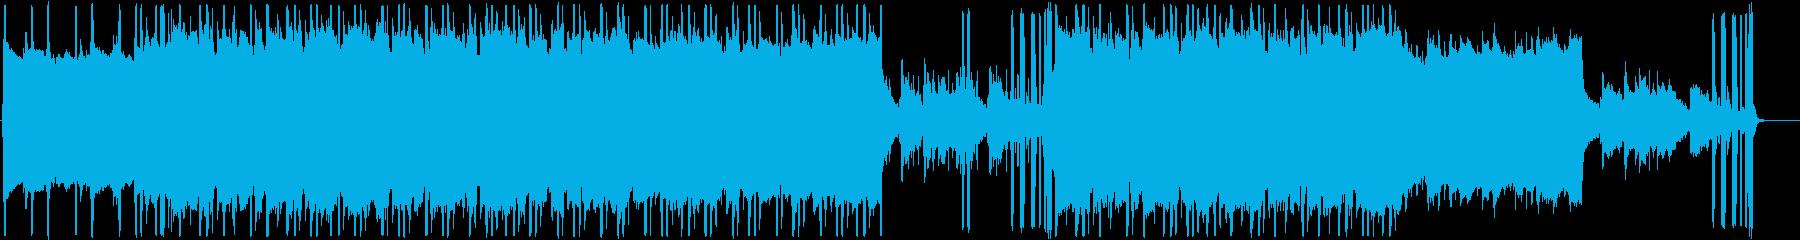 オシャレ、しっとり、ゲーム音なLoFiの再生済みの波形